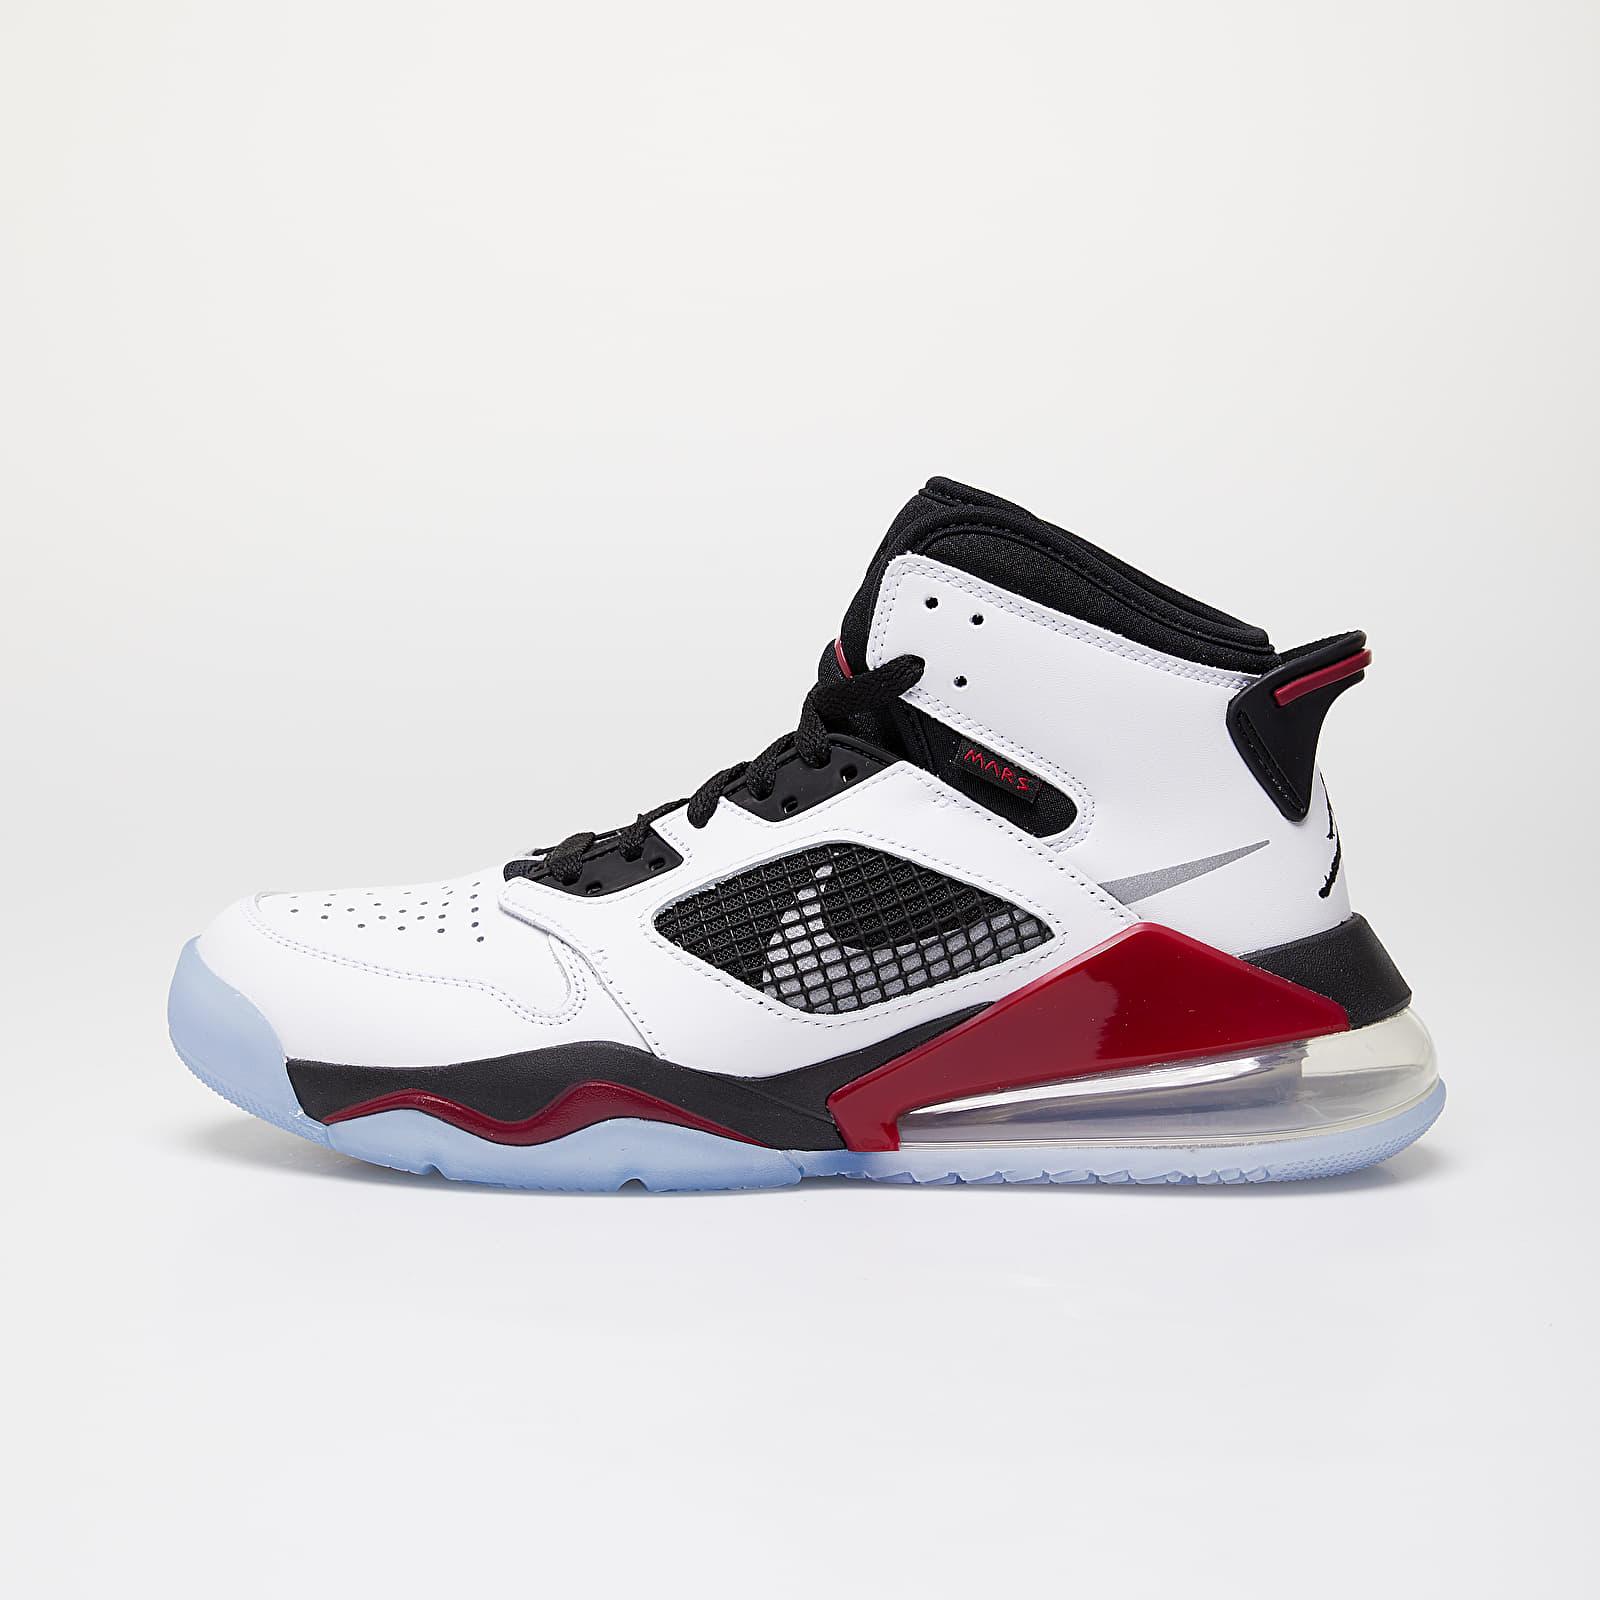 Pánske tenisky a topánky Jordan Mars 270 White/ Reflect Silver-Noble Red-Black